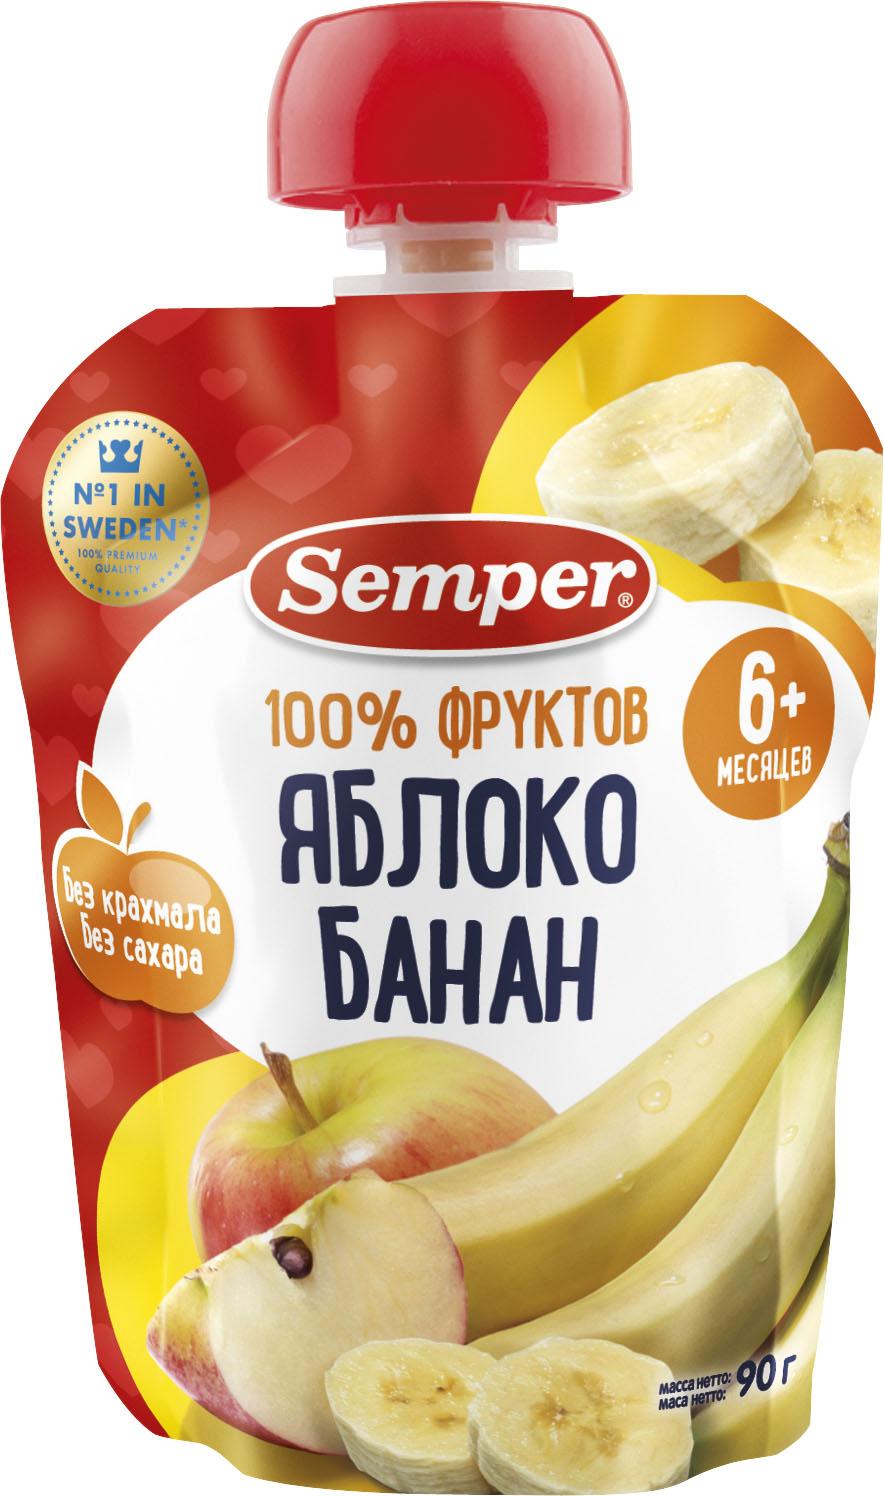 Пюре Semper Semper Яблоко и банан (с 6 месяцев) 90 г пюре semper semper яблоко и манго с 6 месяцев 90 г